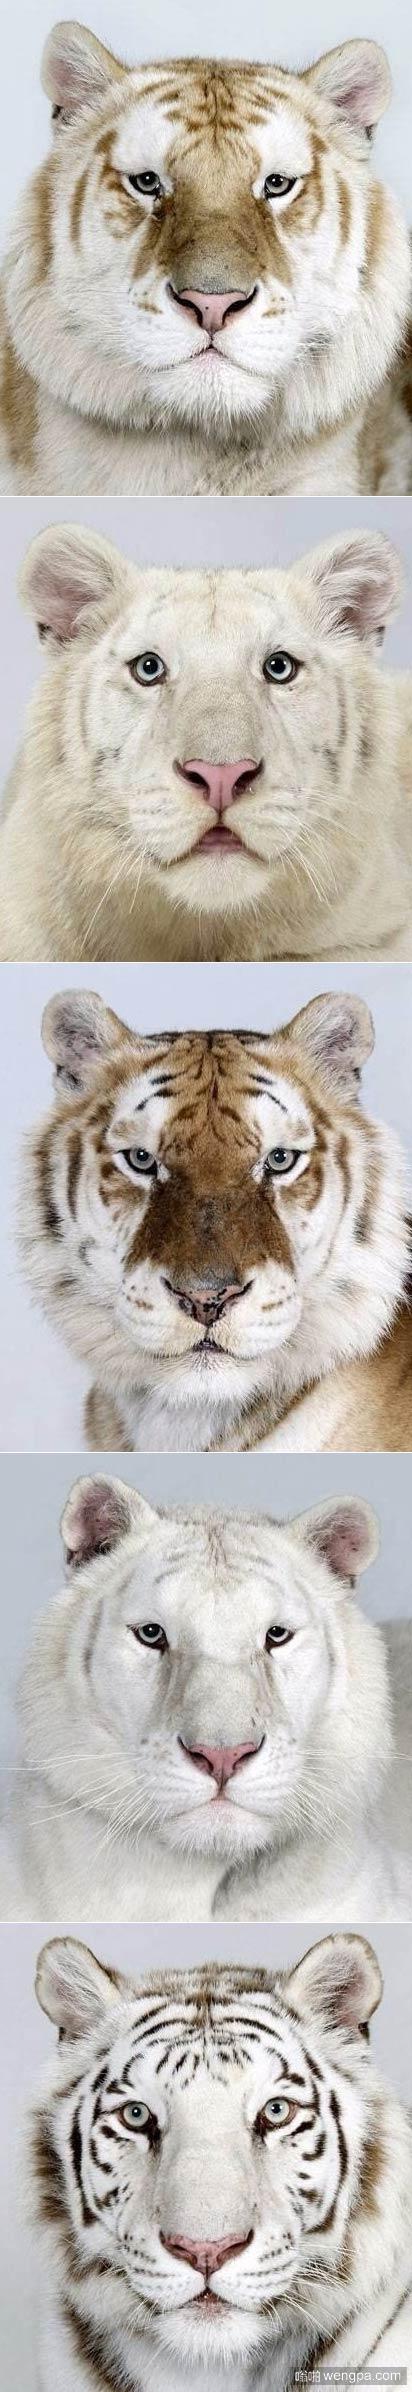 不同毛色的老虎